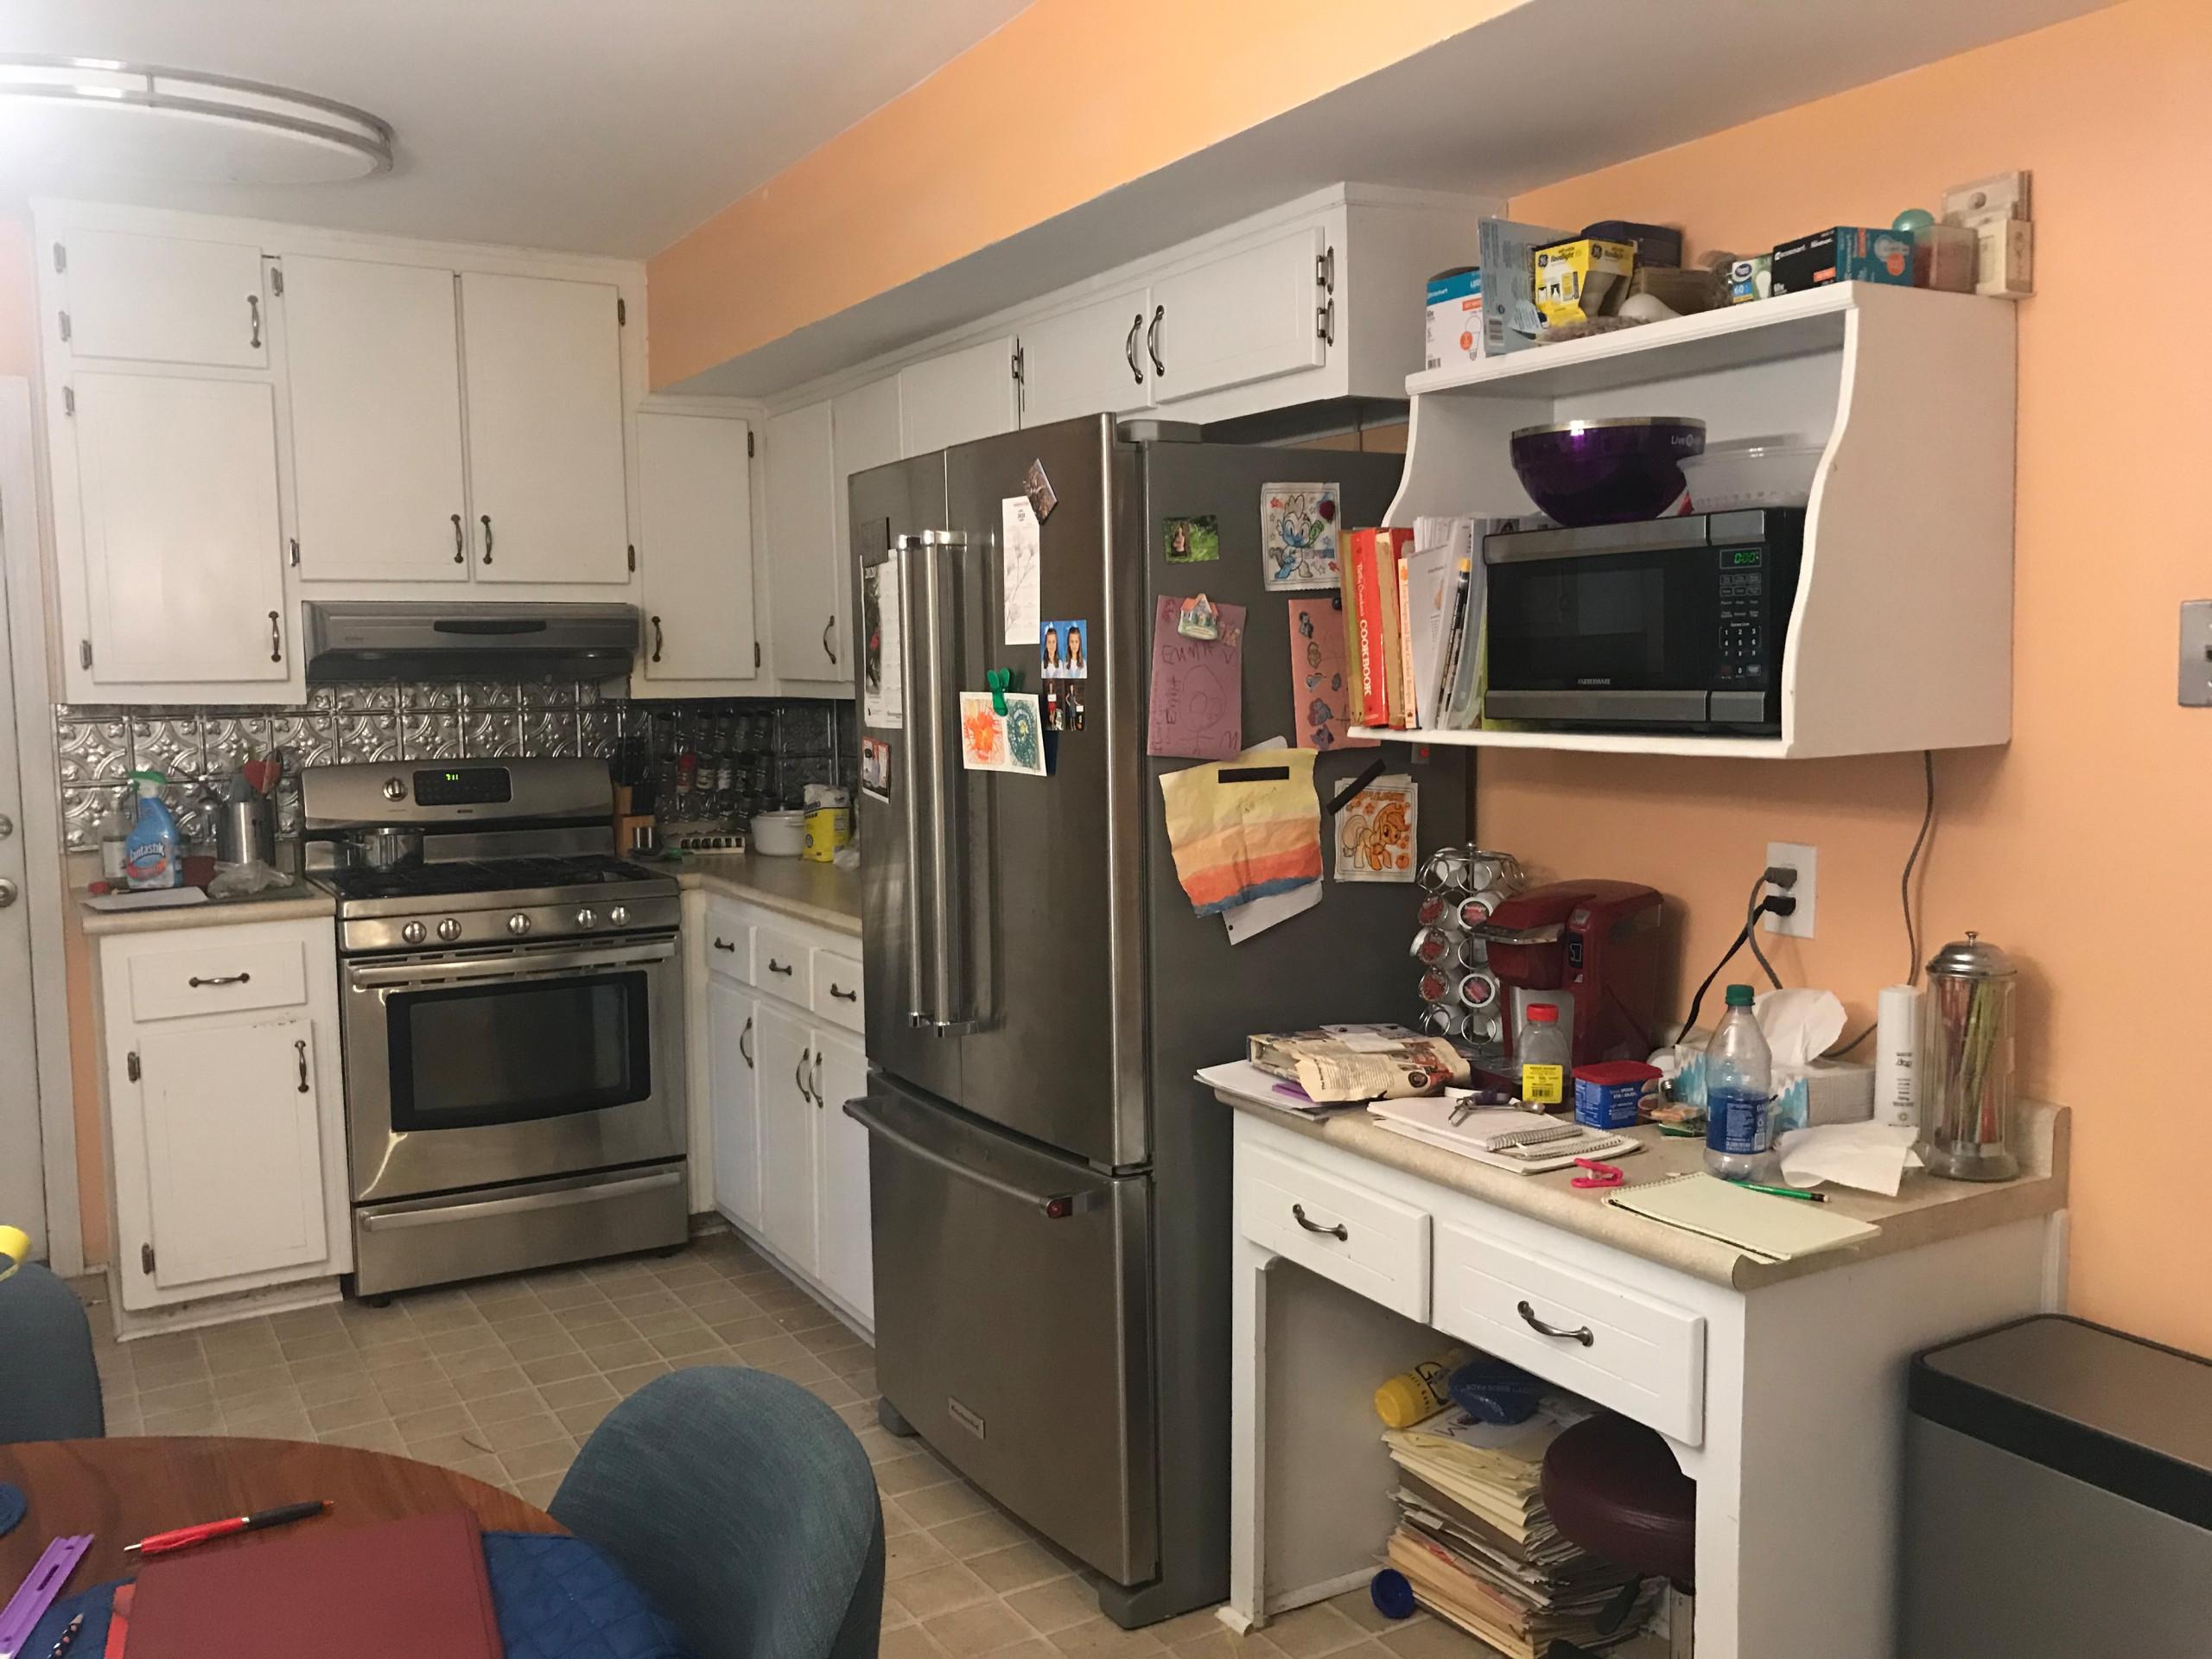 Melton kitchen